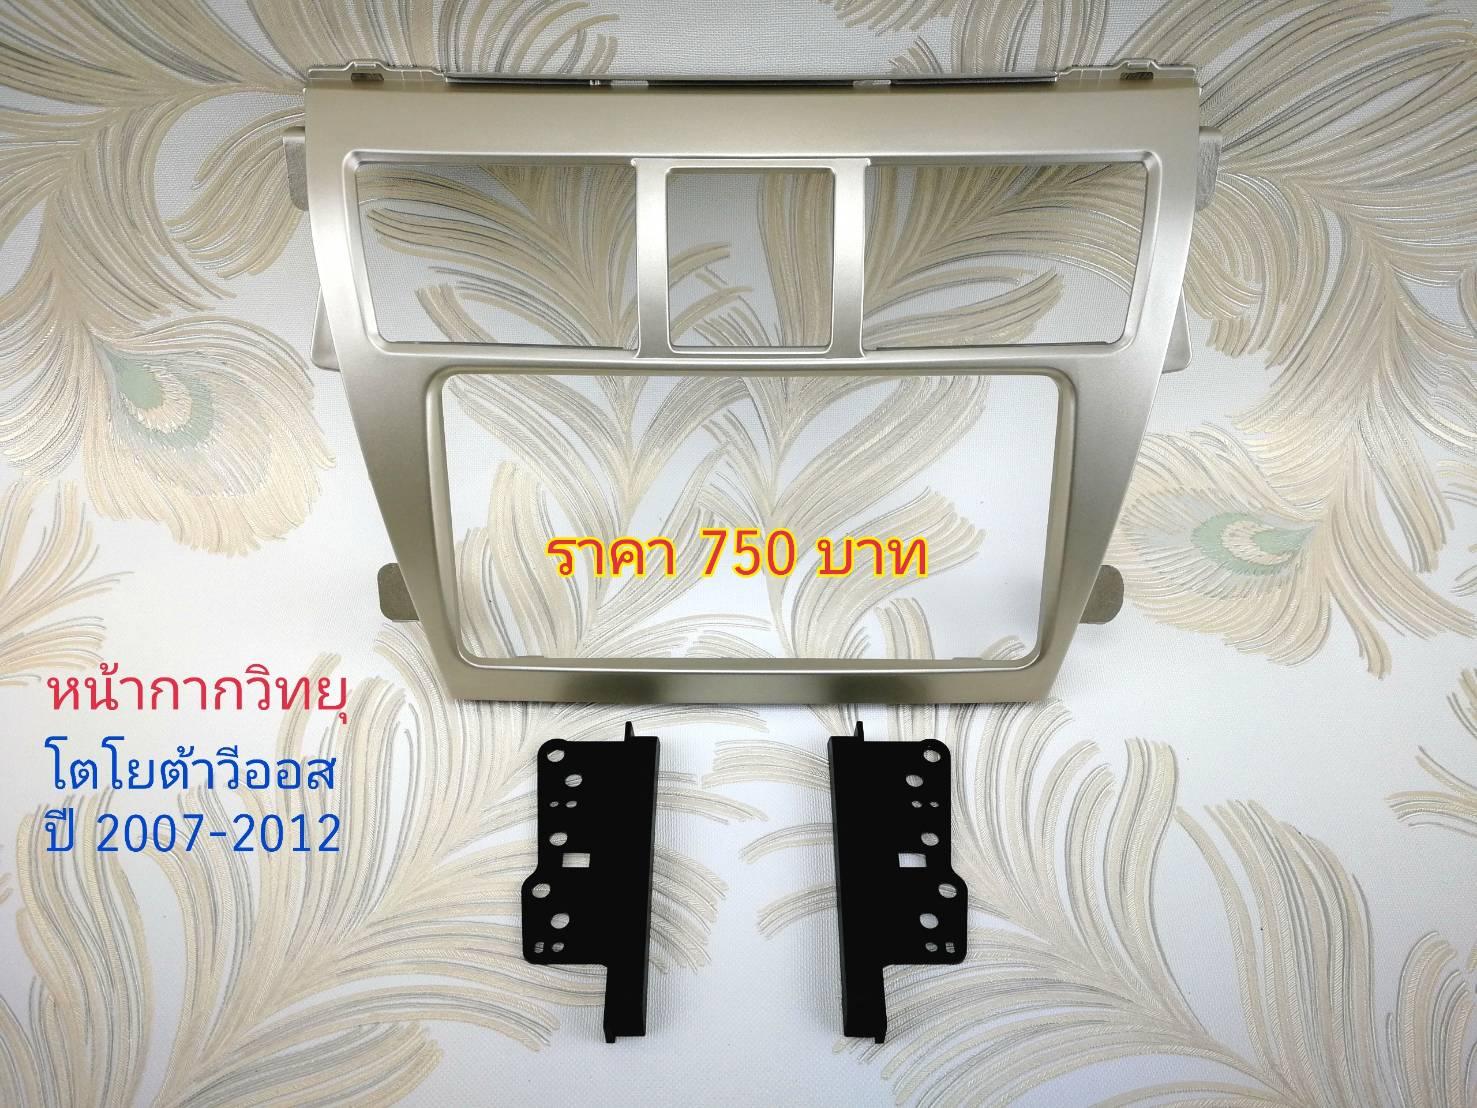 หน้ากากวิทยุ TOYOYA VIOS 2007-2012 พร้อมส่ง